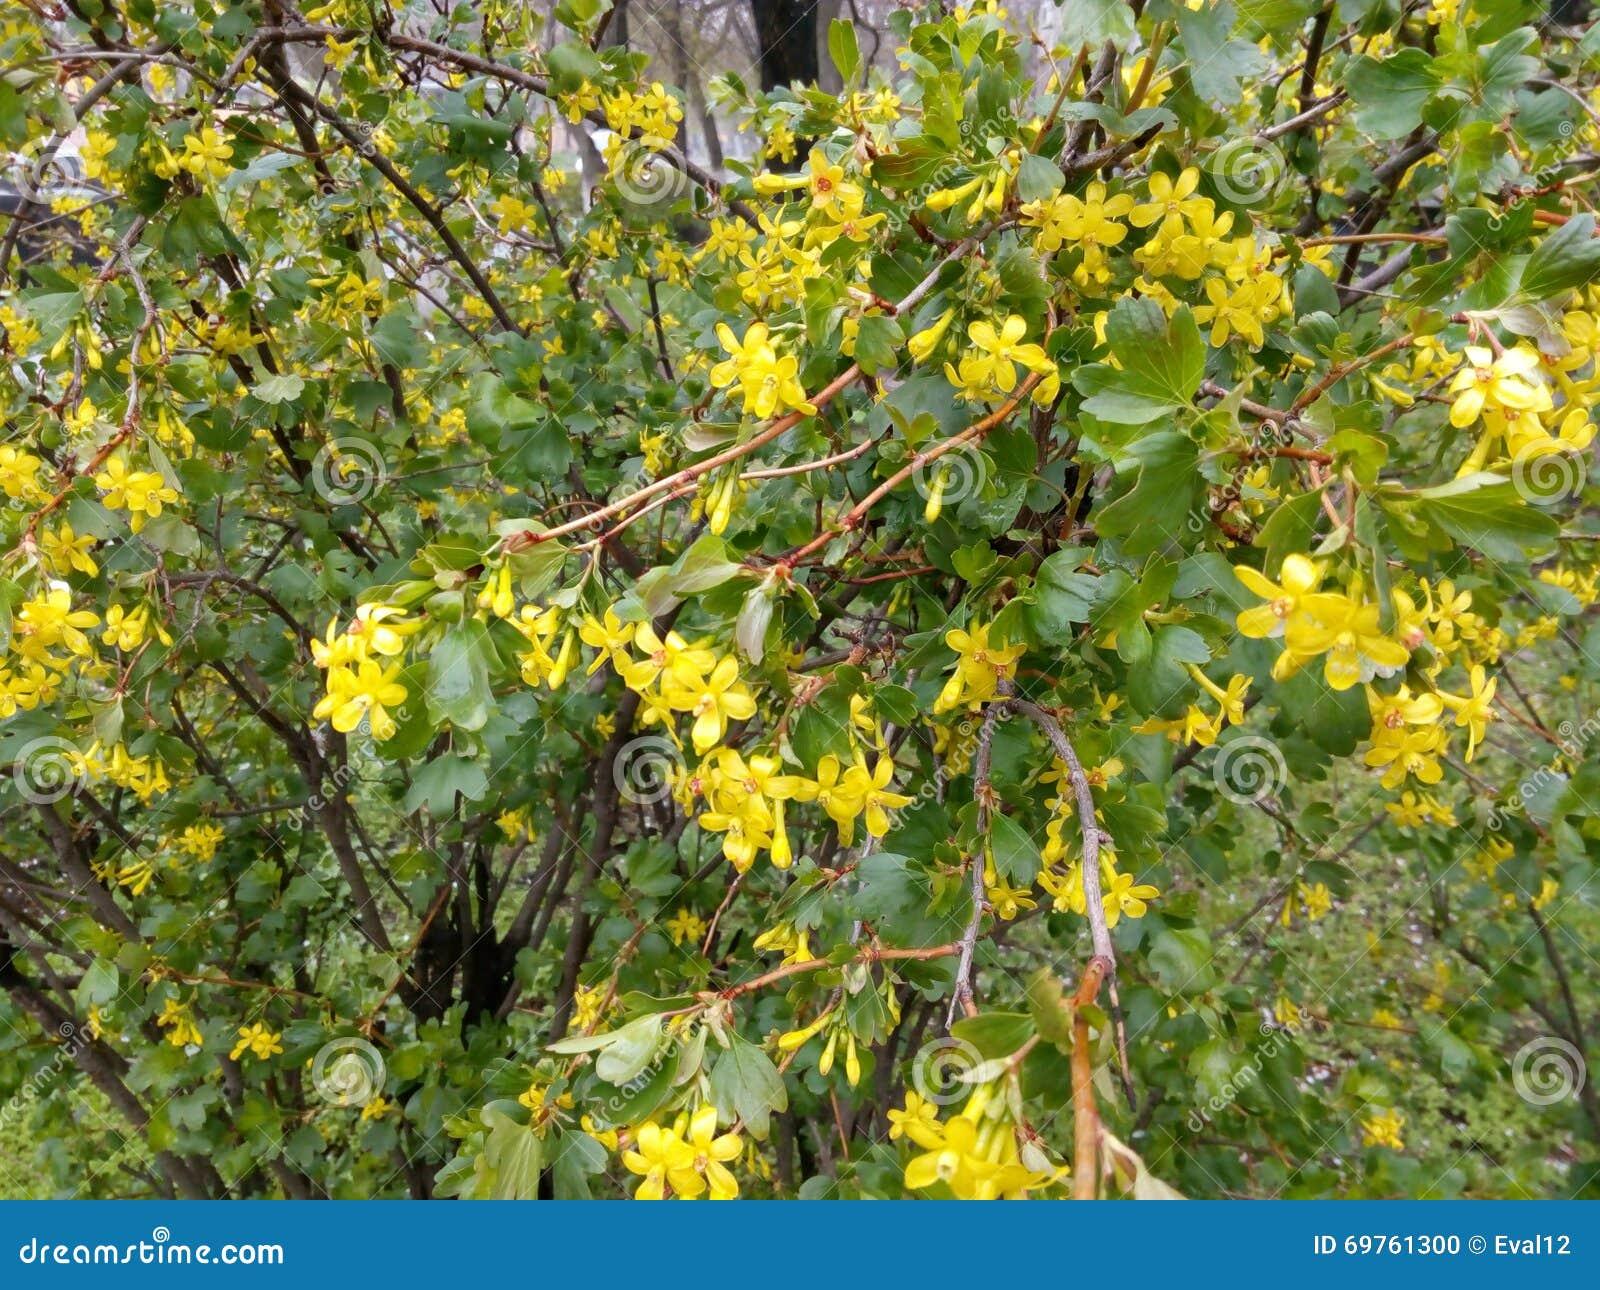 Cespuglio Con Fiori Gialli.Arbusto Verde Con I Piccoli Fiori Gialli Fotografia Stock